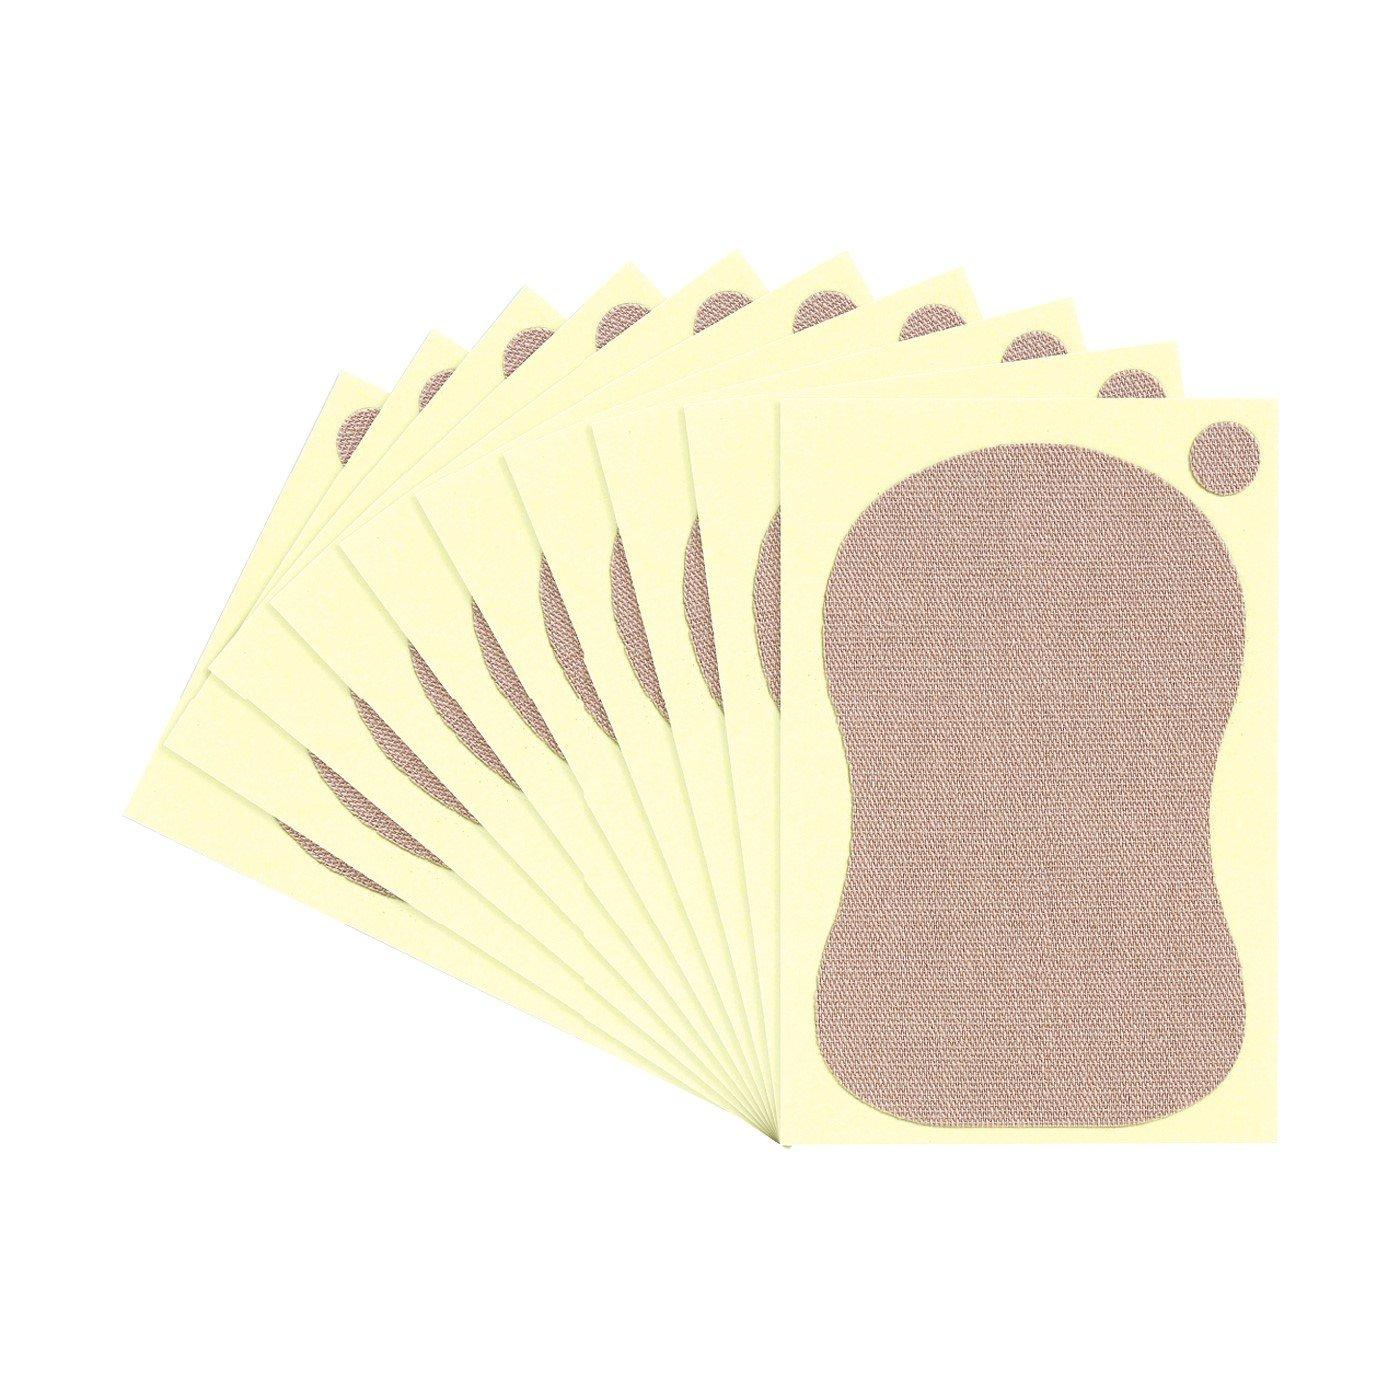 汗のにおいや汗じみケア 貼って安心わきさら消臭シートの会